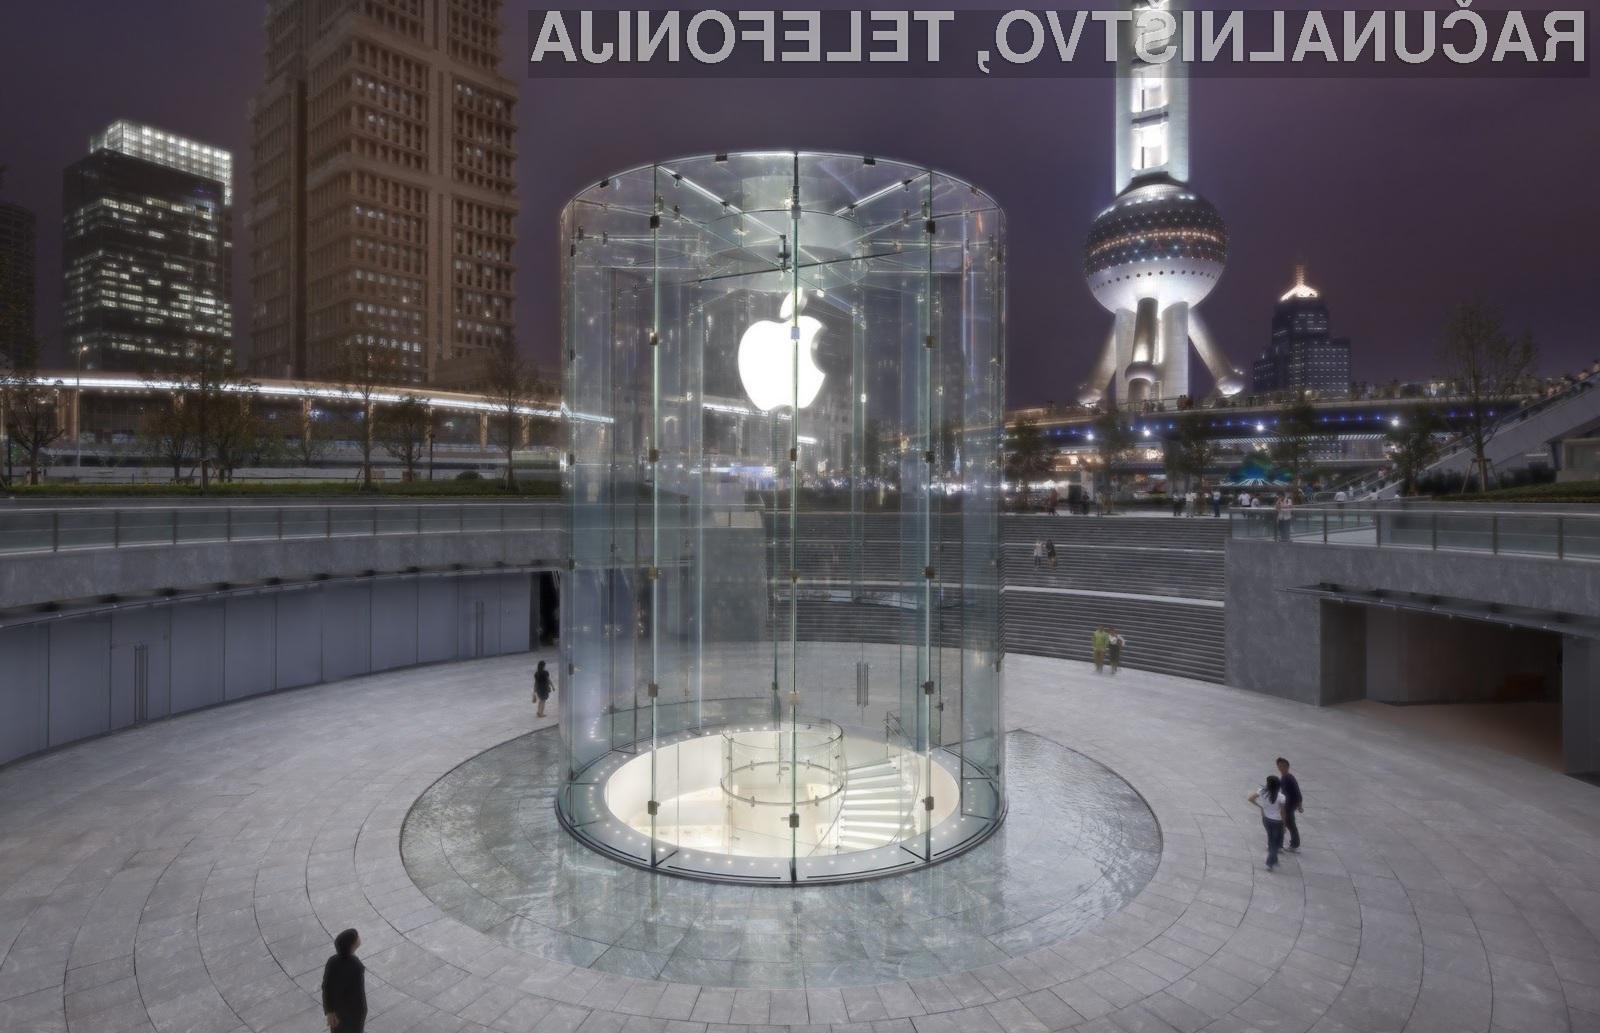 Srednješolec vdrl v strežnike podjetja Apple in prenesel kar 90GB zaupnih podatkov